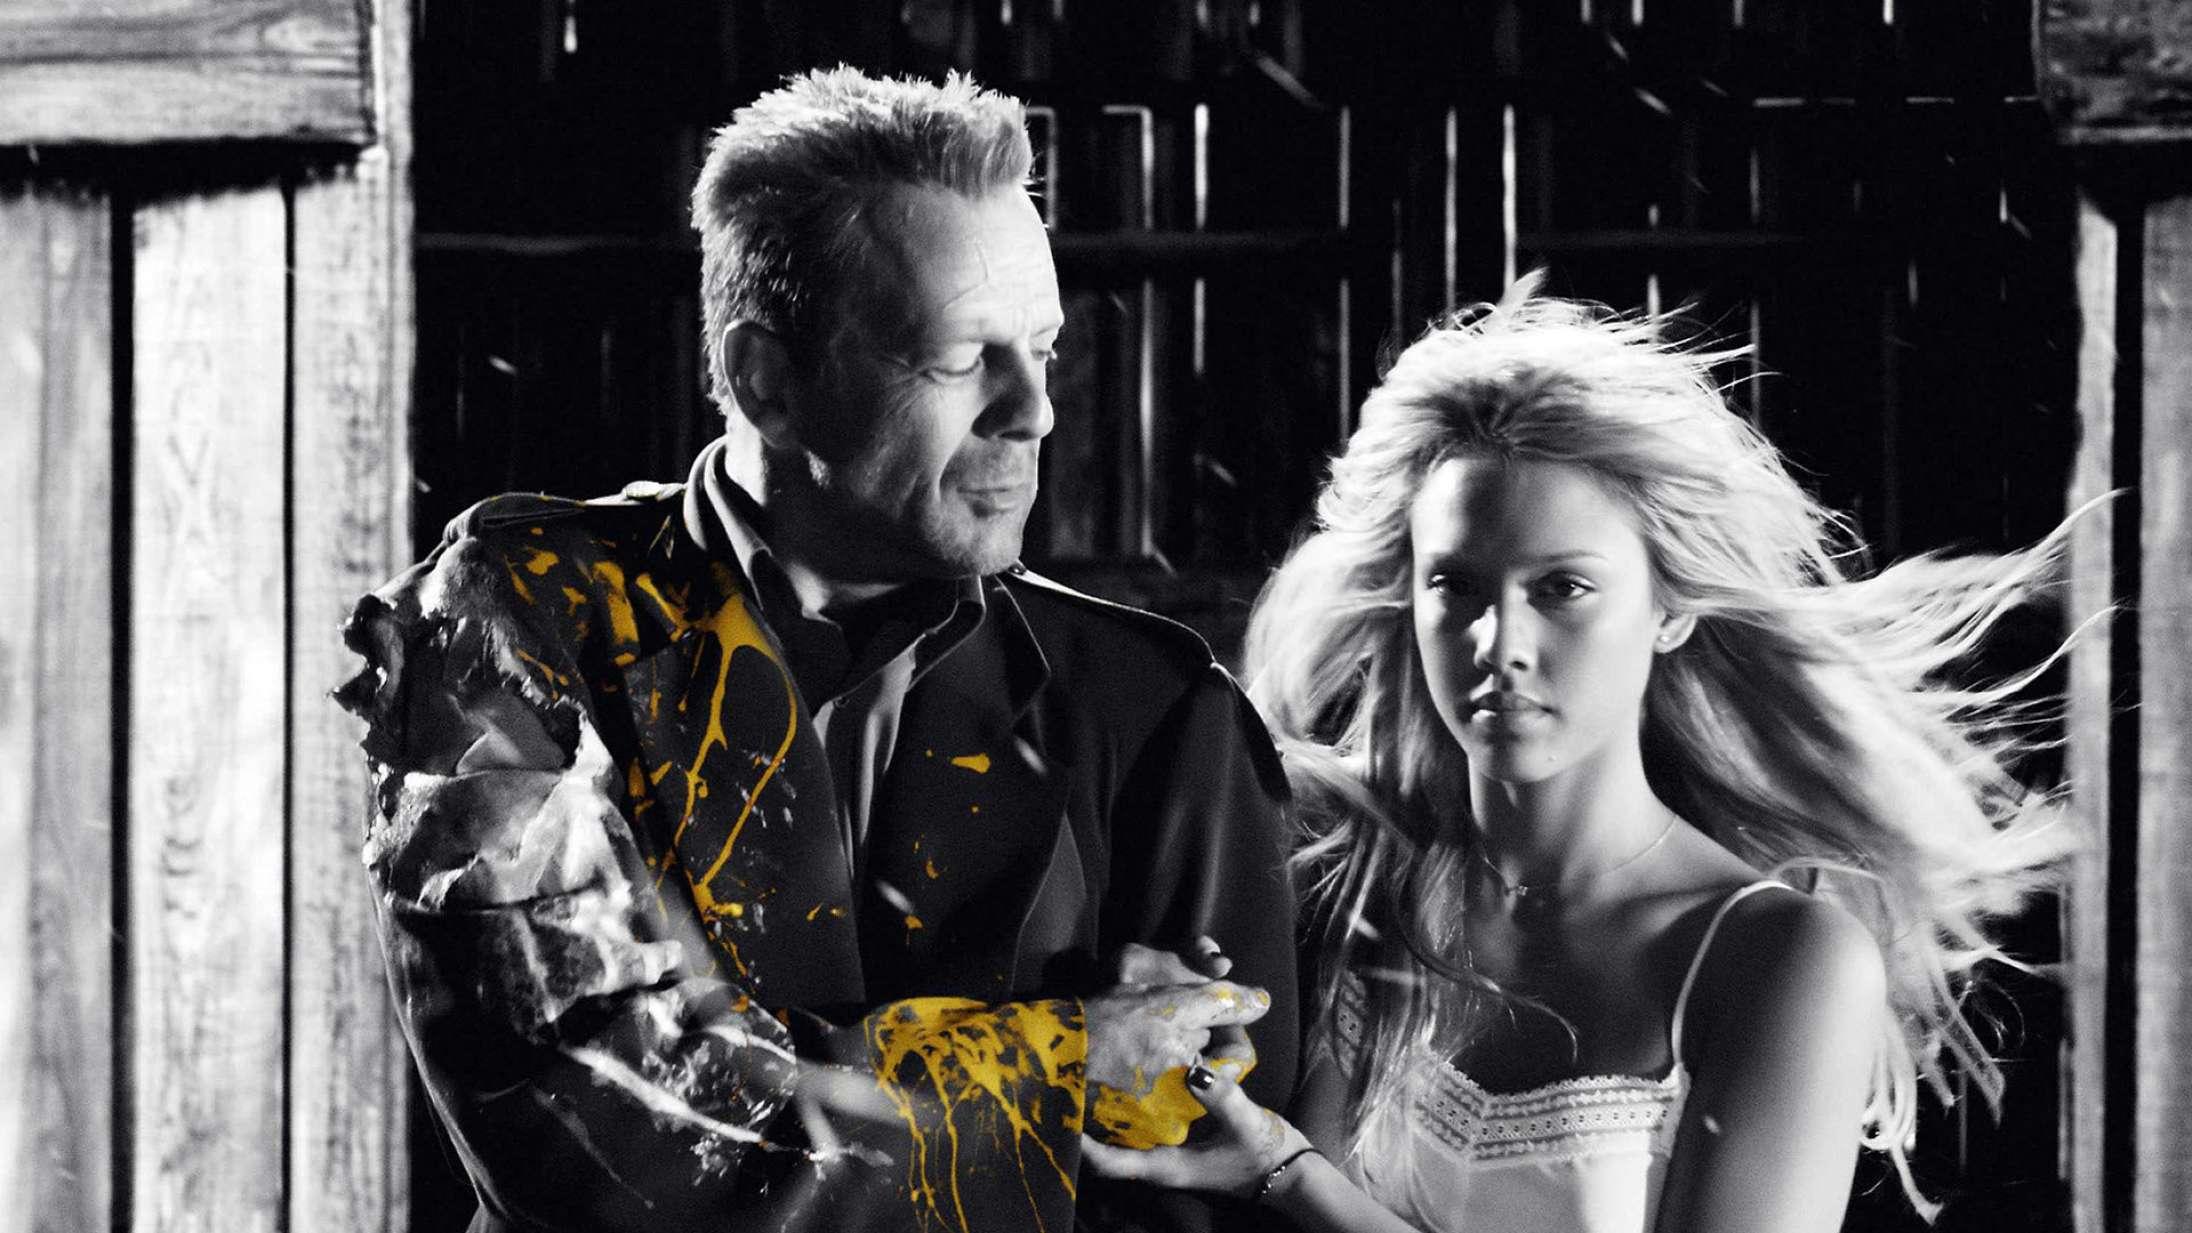 Gid Hollywood havde lært mere af 'Sin City's fandenivoldske brutalitet